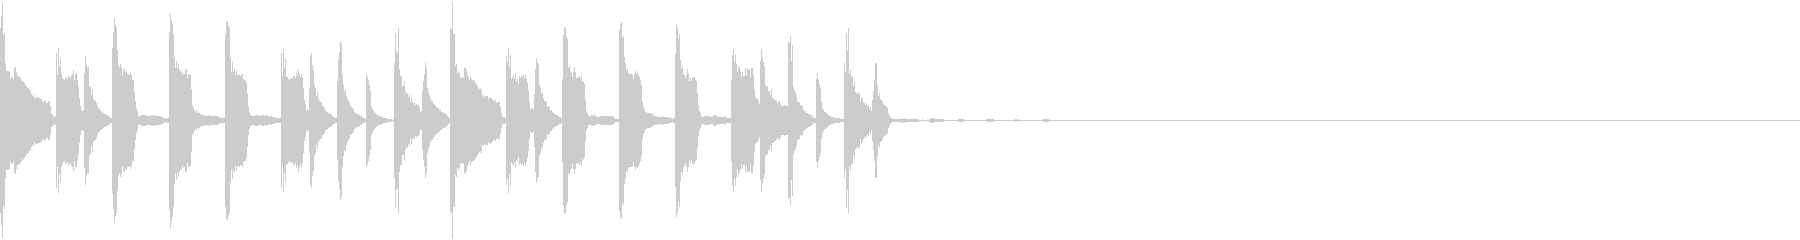 コミカルオープニングジングル・かわいいの未再生の波形